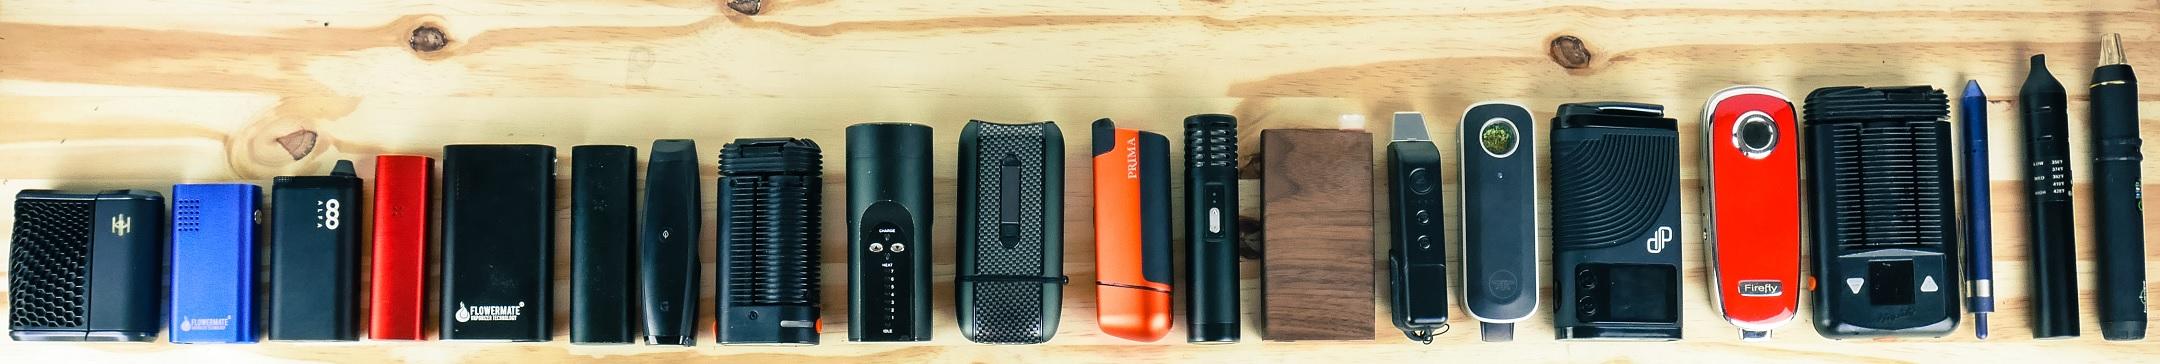 portable vaporizers all vaporizerwizard